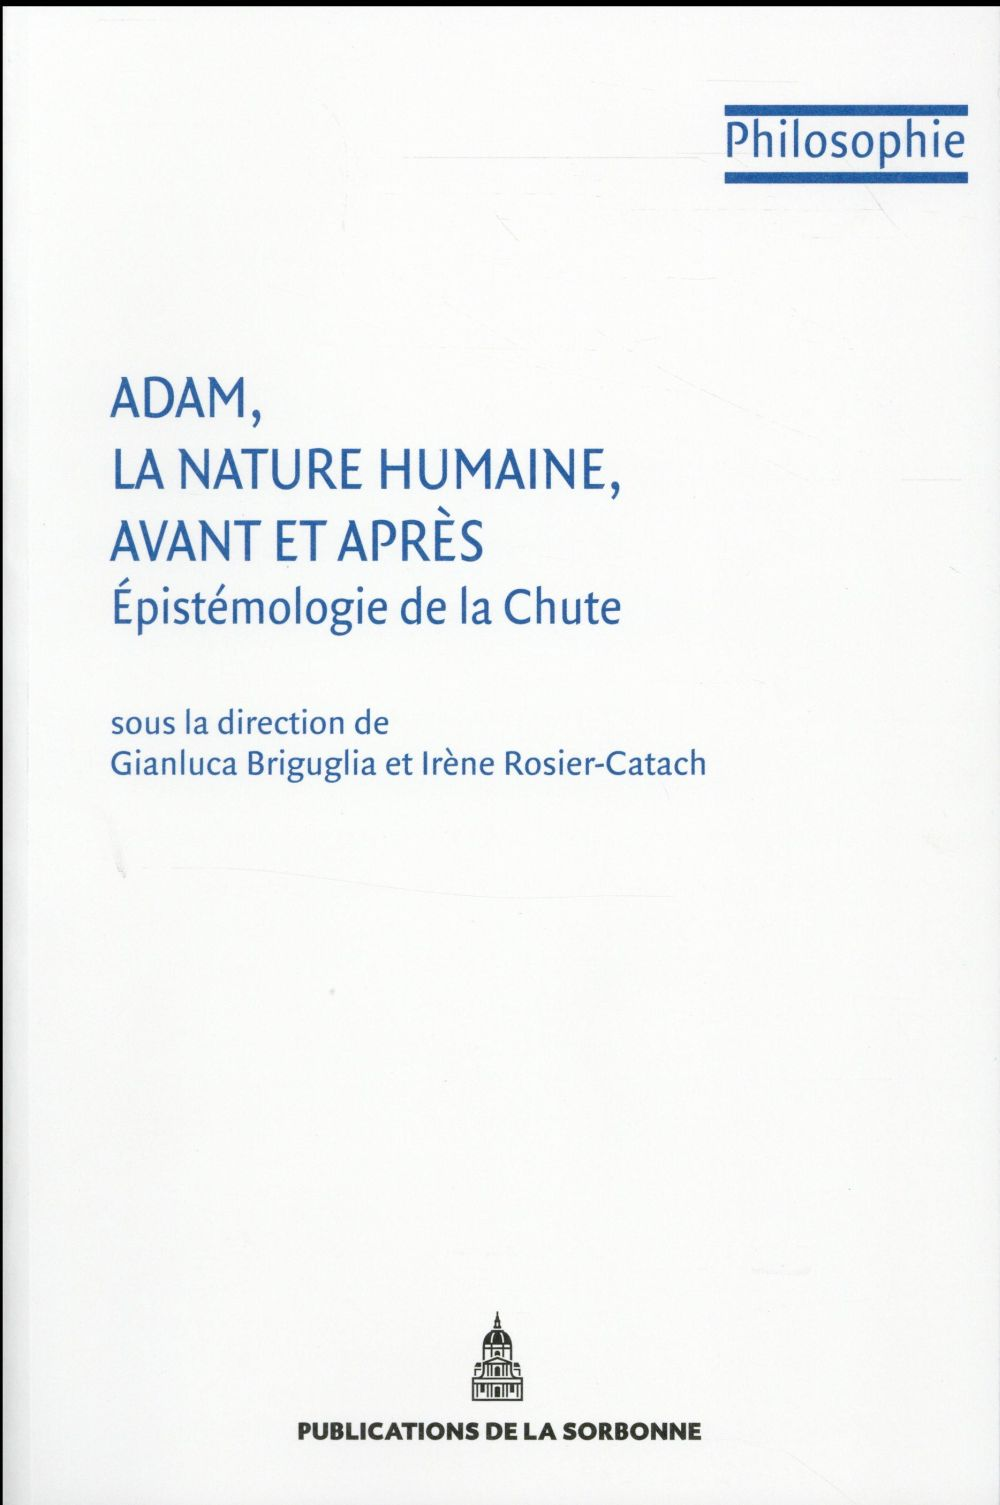 Adam, la nature humaine, avant et apres epistemologie de la chute